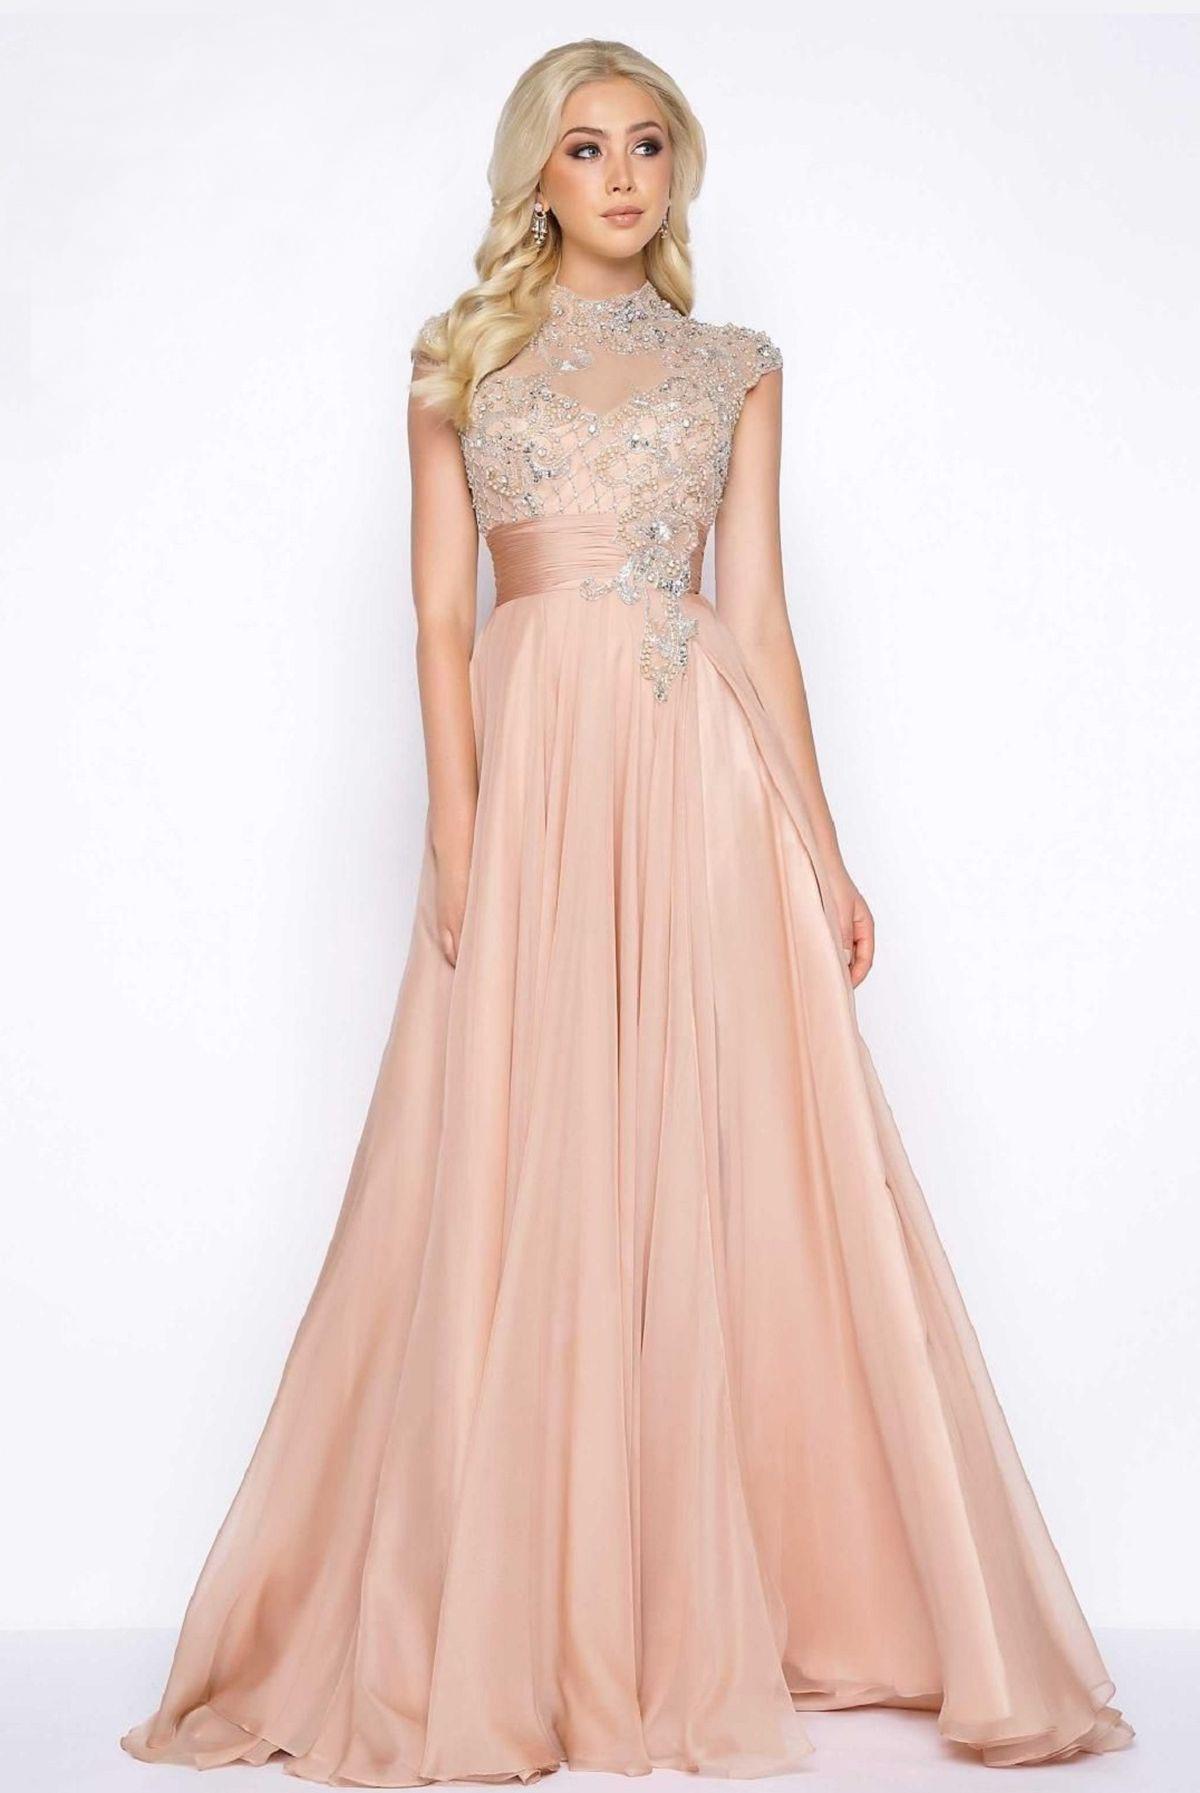 10010 Платье с кружевной верхней частью украшено камнями, спина прозрачная, юбка длинная и пышная